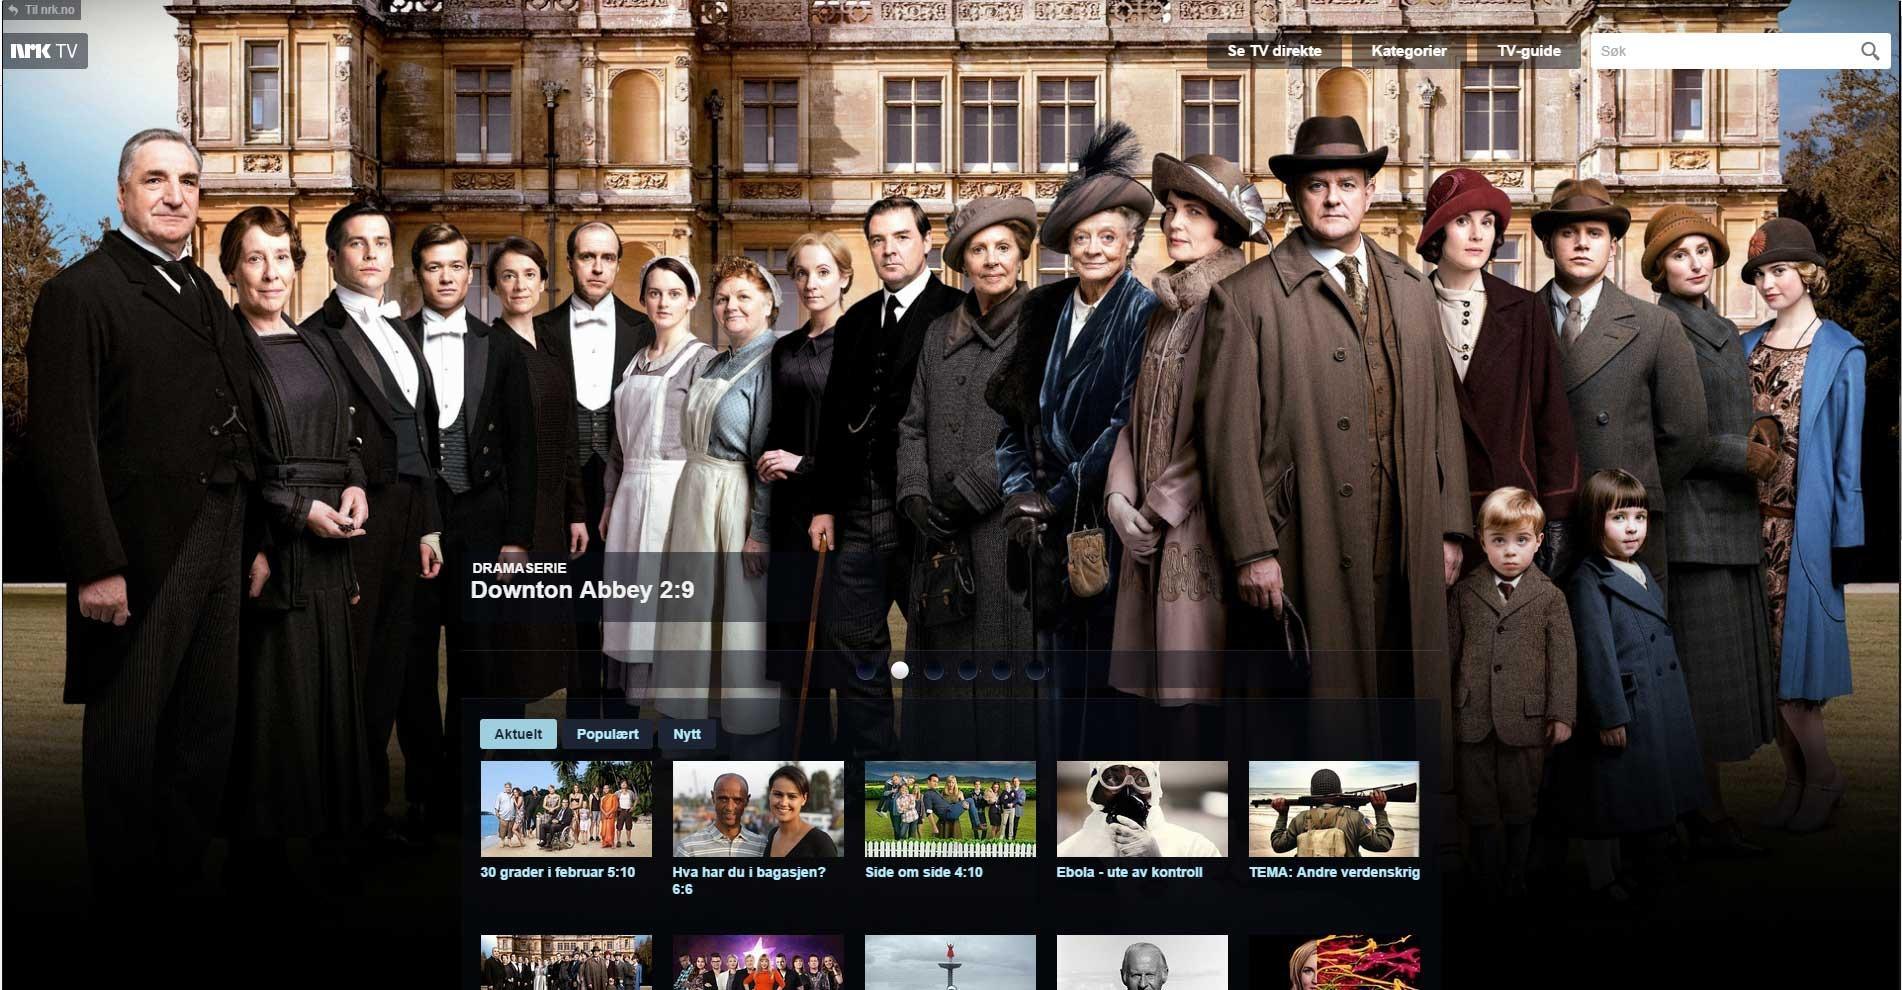 NRK, skjermdump 7.10.2014.